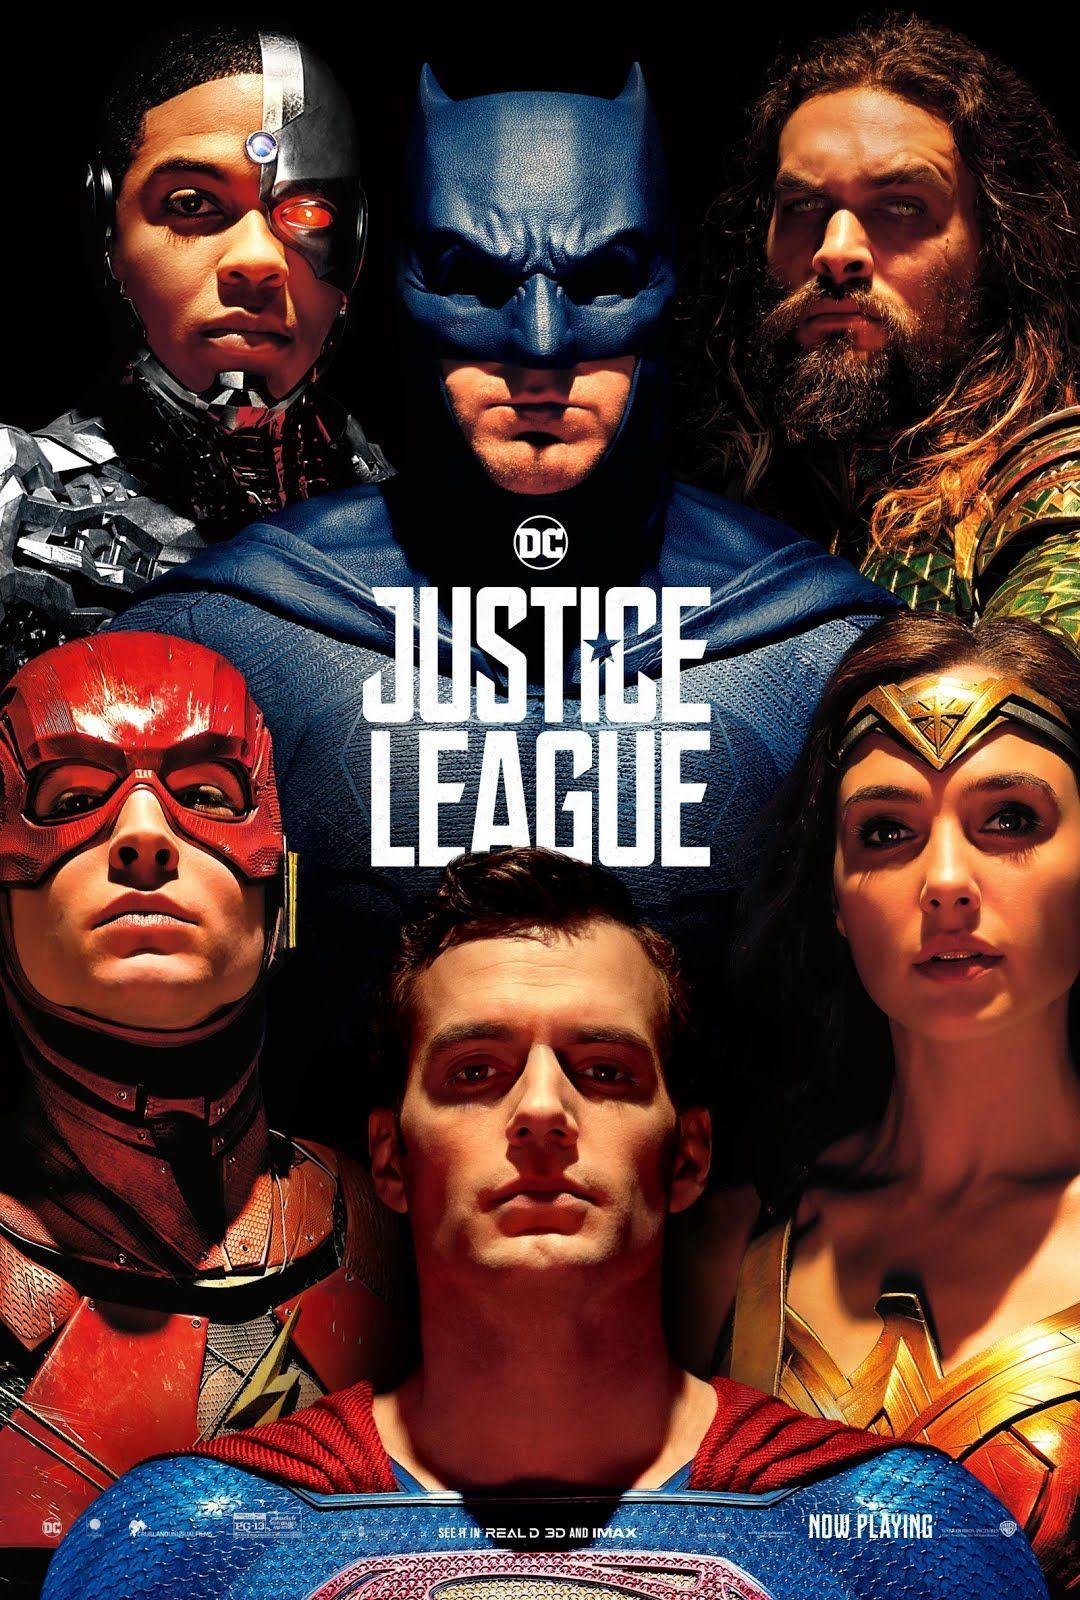 Justice League Adalet Birligi Izle Full Hd Izle Watch Justice League New Justice League Justice League Full Movie